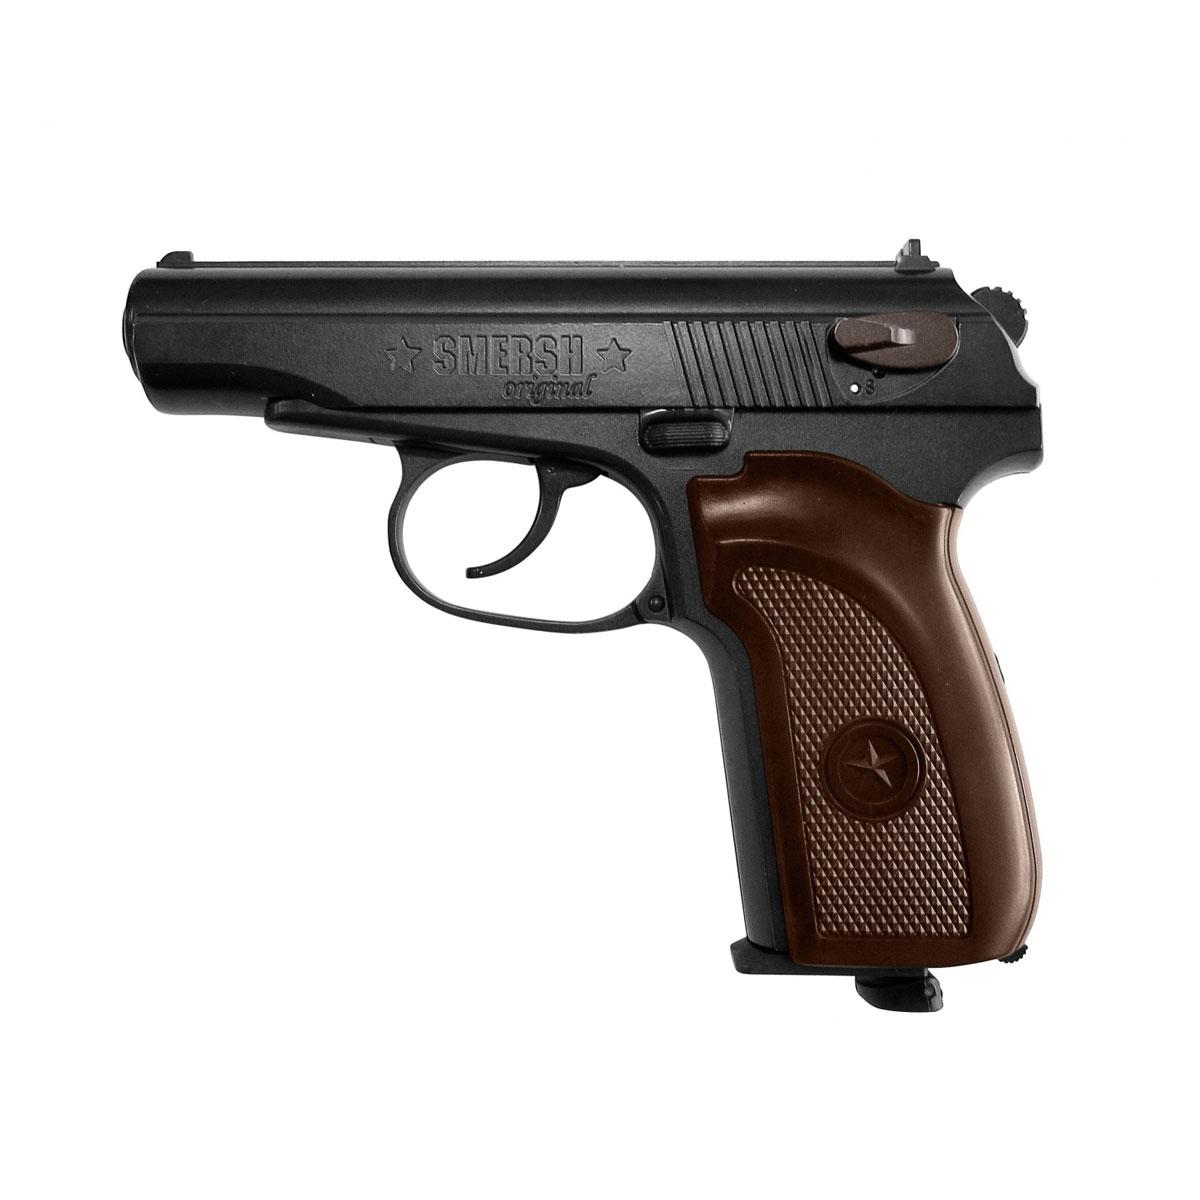 SMERSH H1 пистолет пневматический Blowback, CO2, 4,5, цвет: Black356Пневматическая реплика - пистолет Smersh H1. Боевой прототип - советский ПМ (Пистолет Макарова). Характеристики пневматической версии: Подвижная затворная рама для имитации отдачи и большего реализма при стрельбе (система Blowback). Корпус выполнен из металлических сплавов, рукоять - из пластика. Магазин пистолета вмещает 17 шариков 4,5 мм. Предохранитель флажкового типа. Ствол стальной гладкий. Открытые прицельные приспособления: мушка и целик. Емкость магазина — 17 шариков Начальная скорость — 110 м/с Вес — 530 г Длина — 160 мм Дульная энергия — до 3 Дж Уважаемые покупатели, при использовании пневматики соблюдайте технику безопасности: храните в разряженном состоянии в местах недоступных для детей, не направляйте на людей и животных, при стрельбе следите, чтобы в районе мишени не было людей, всегда используйте защитные очки и экипировку, перевозите пневматику в чехлах и сумках, не носите...